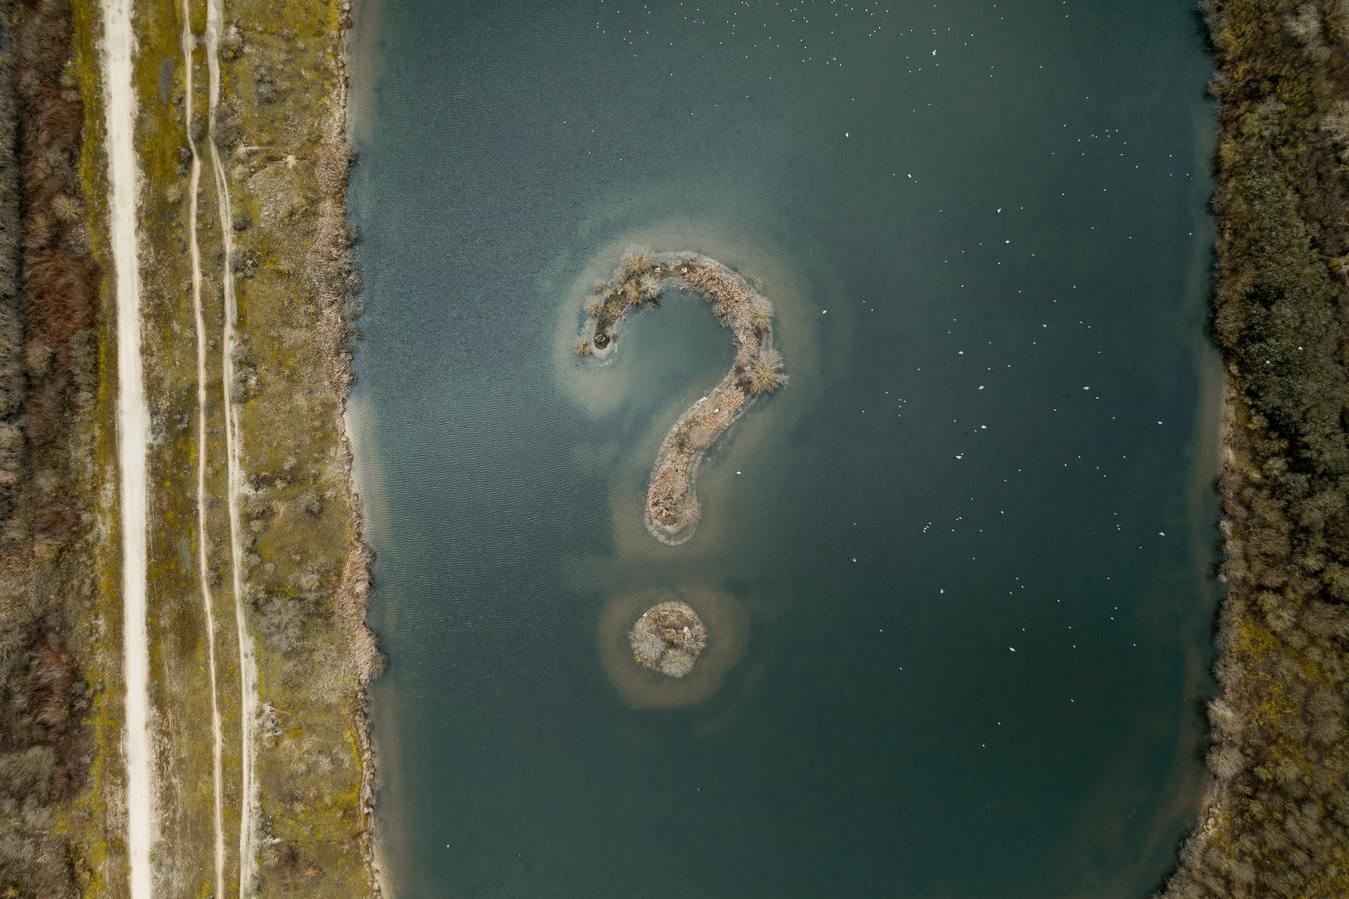 Een eiland in de vorm van een vraagteken